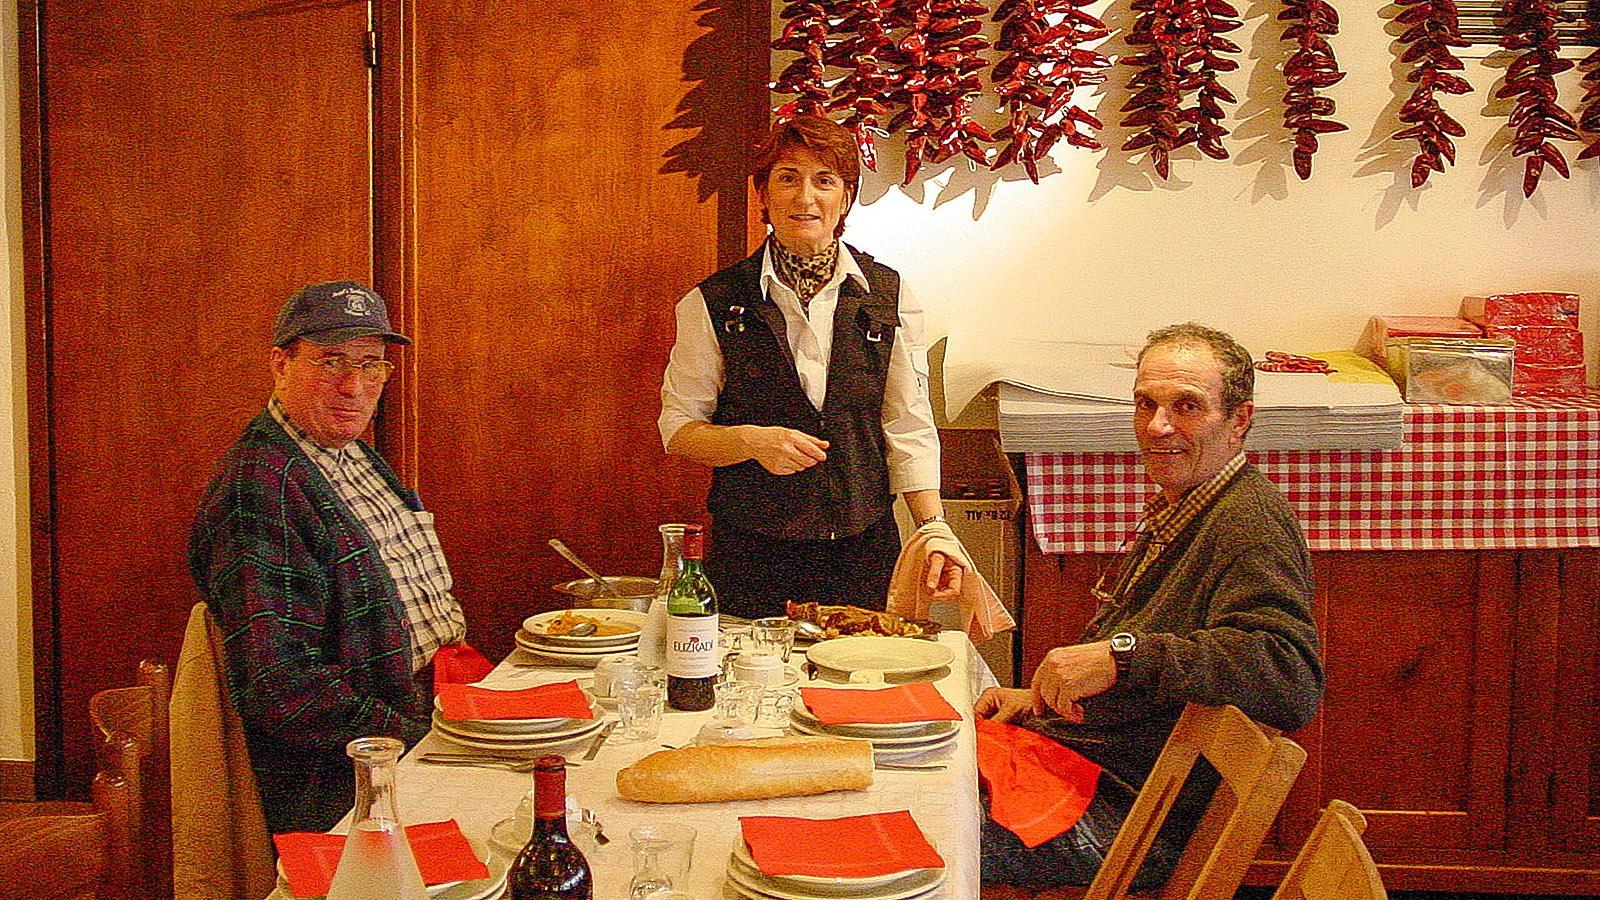 Espelette: Hotel Euzkadi, Speisesaal mit Gästen und Bedienung.